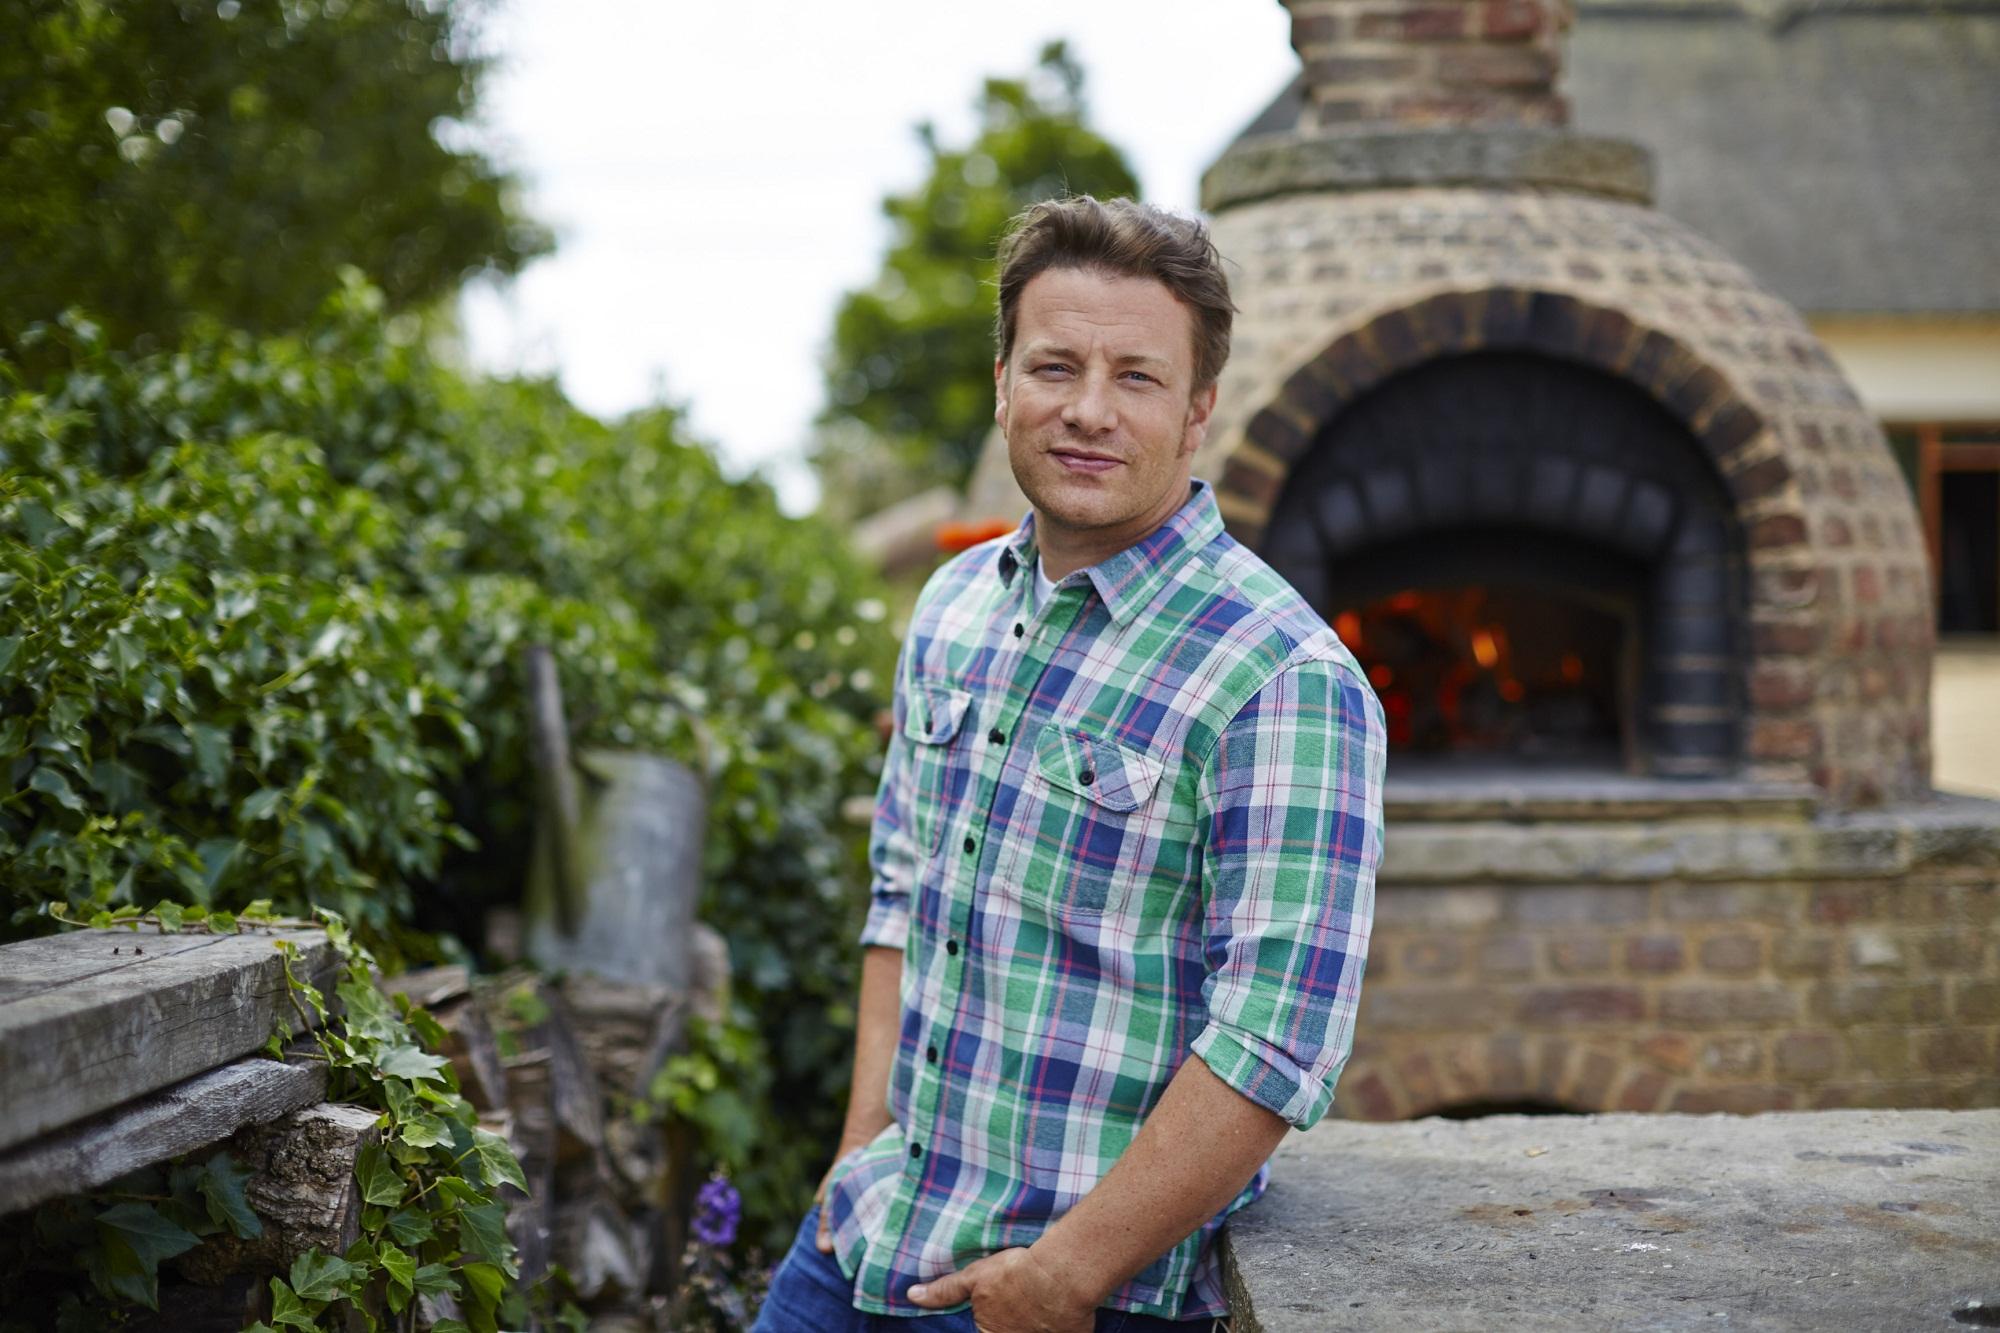 Kuchnia Grzeszy Z Jamiem Oliverem Kulinaria Kuchnia Jamie Oliver Kuchnia Plus Media2 Pl